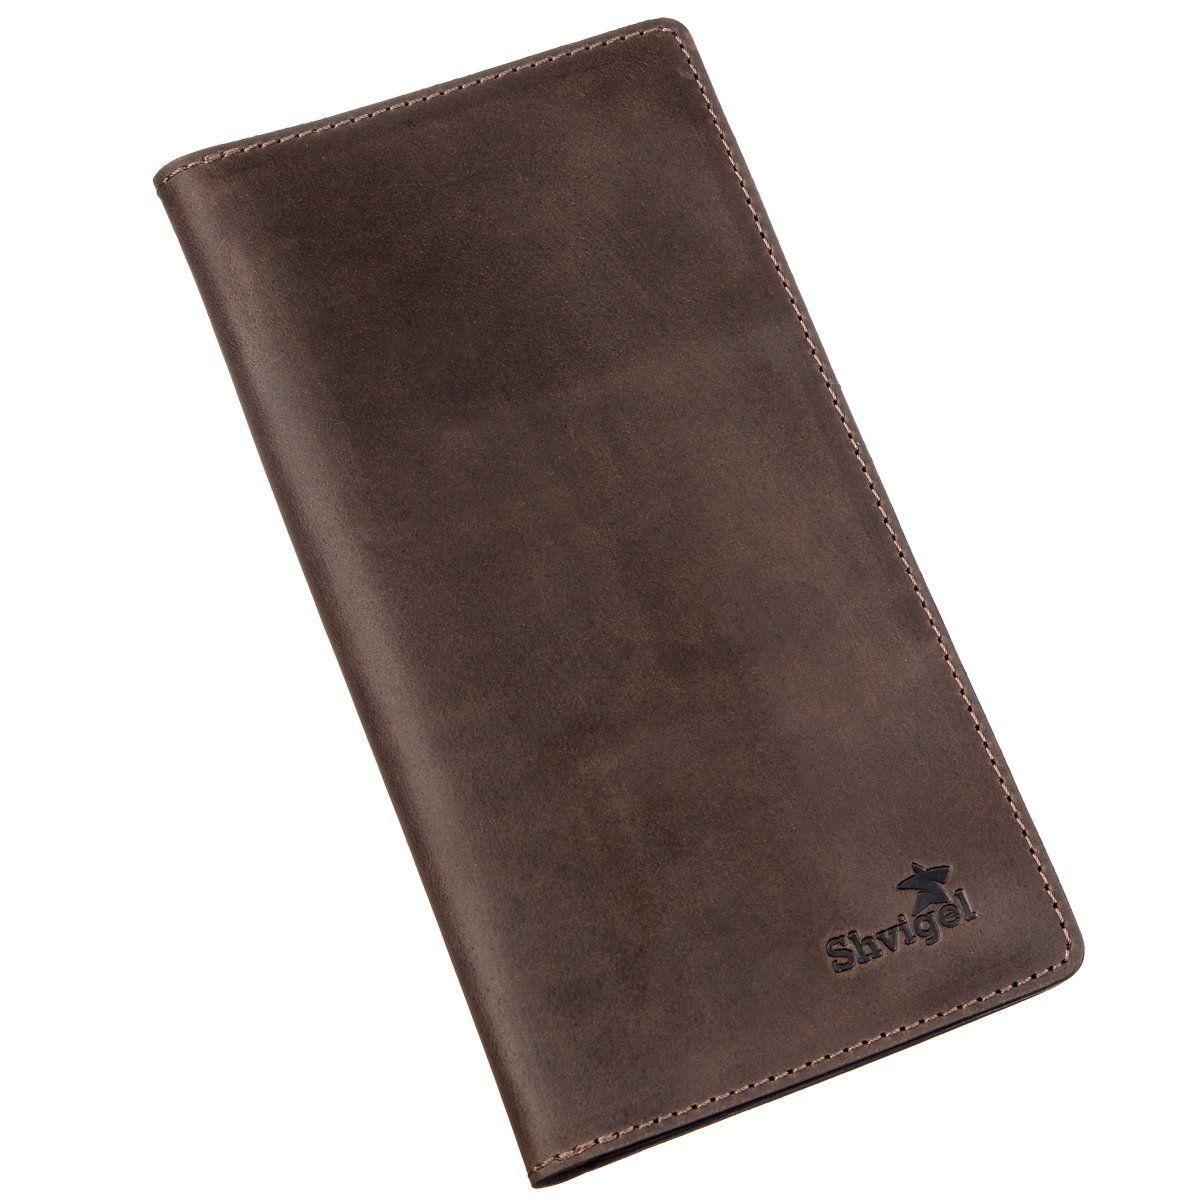 Бумажник Мужской Вертикальный Матовый Shvigel 16198 Коричневый, Коричневый